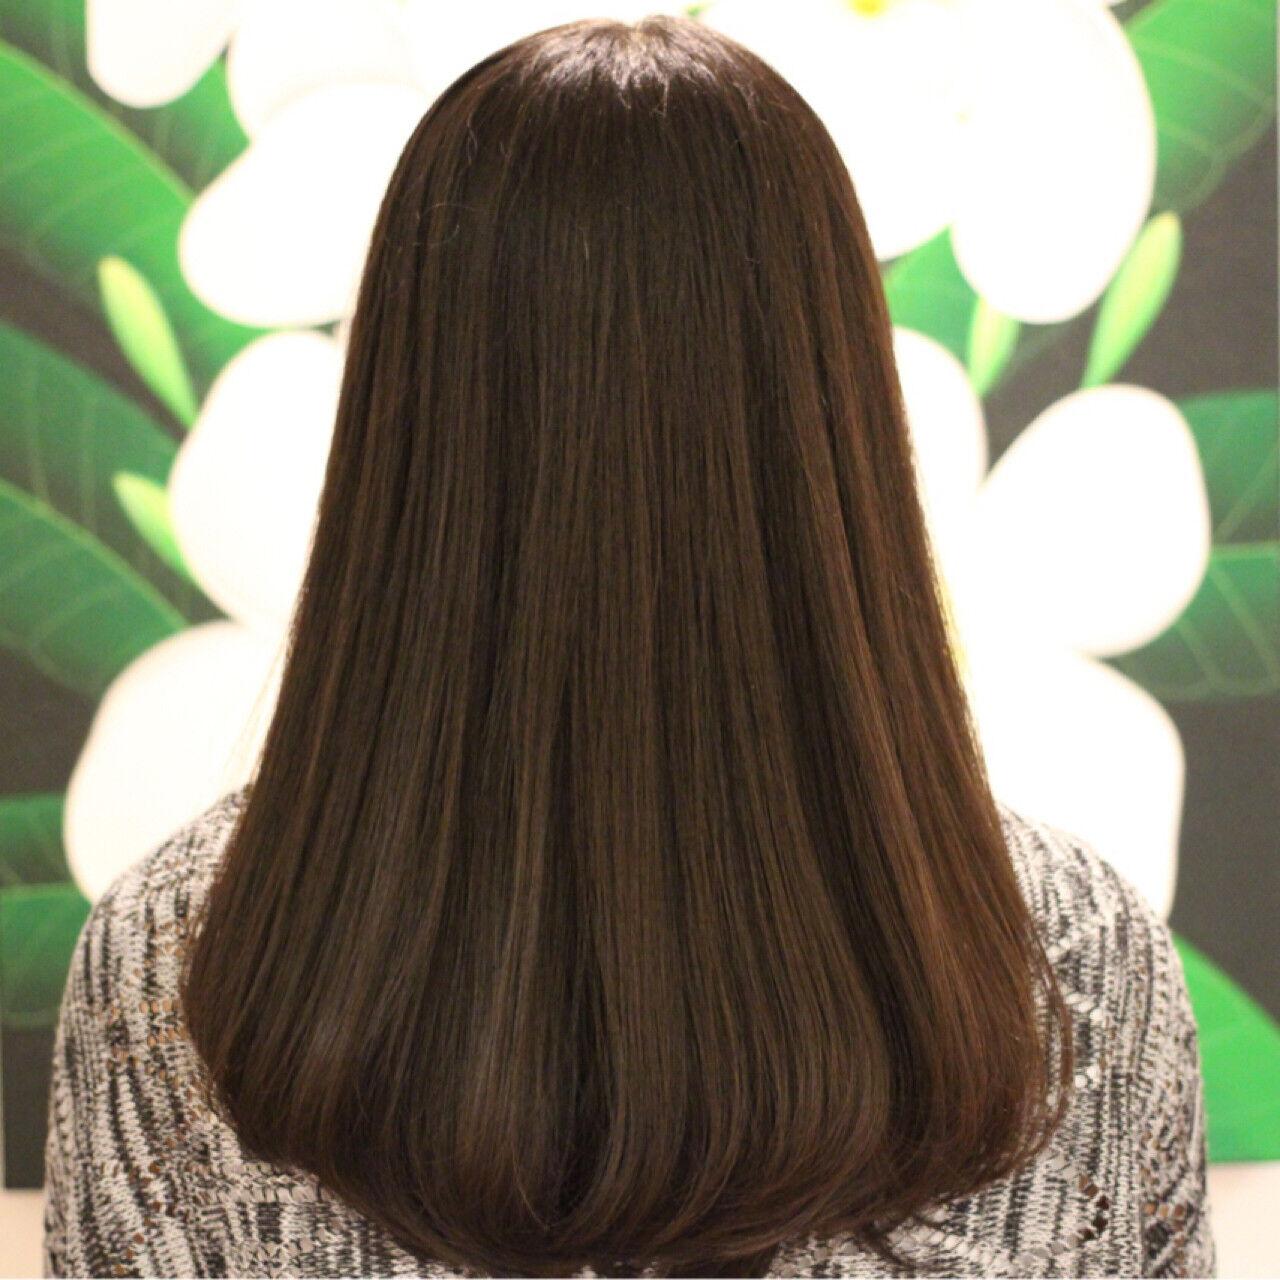 縮毛矯正 艶髪 ワンカール セミロングヘアスタイルや髪型の写真・画像